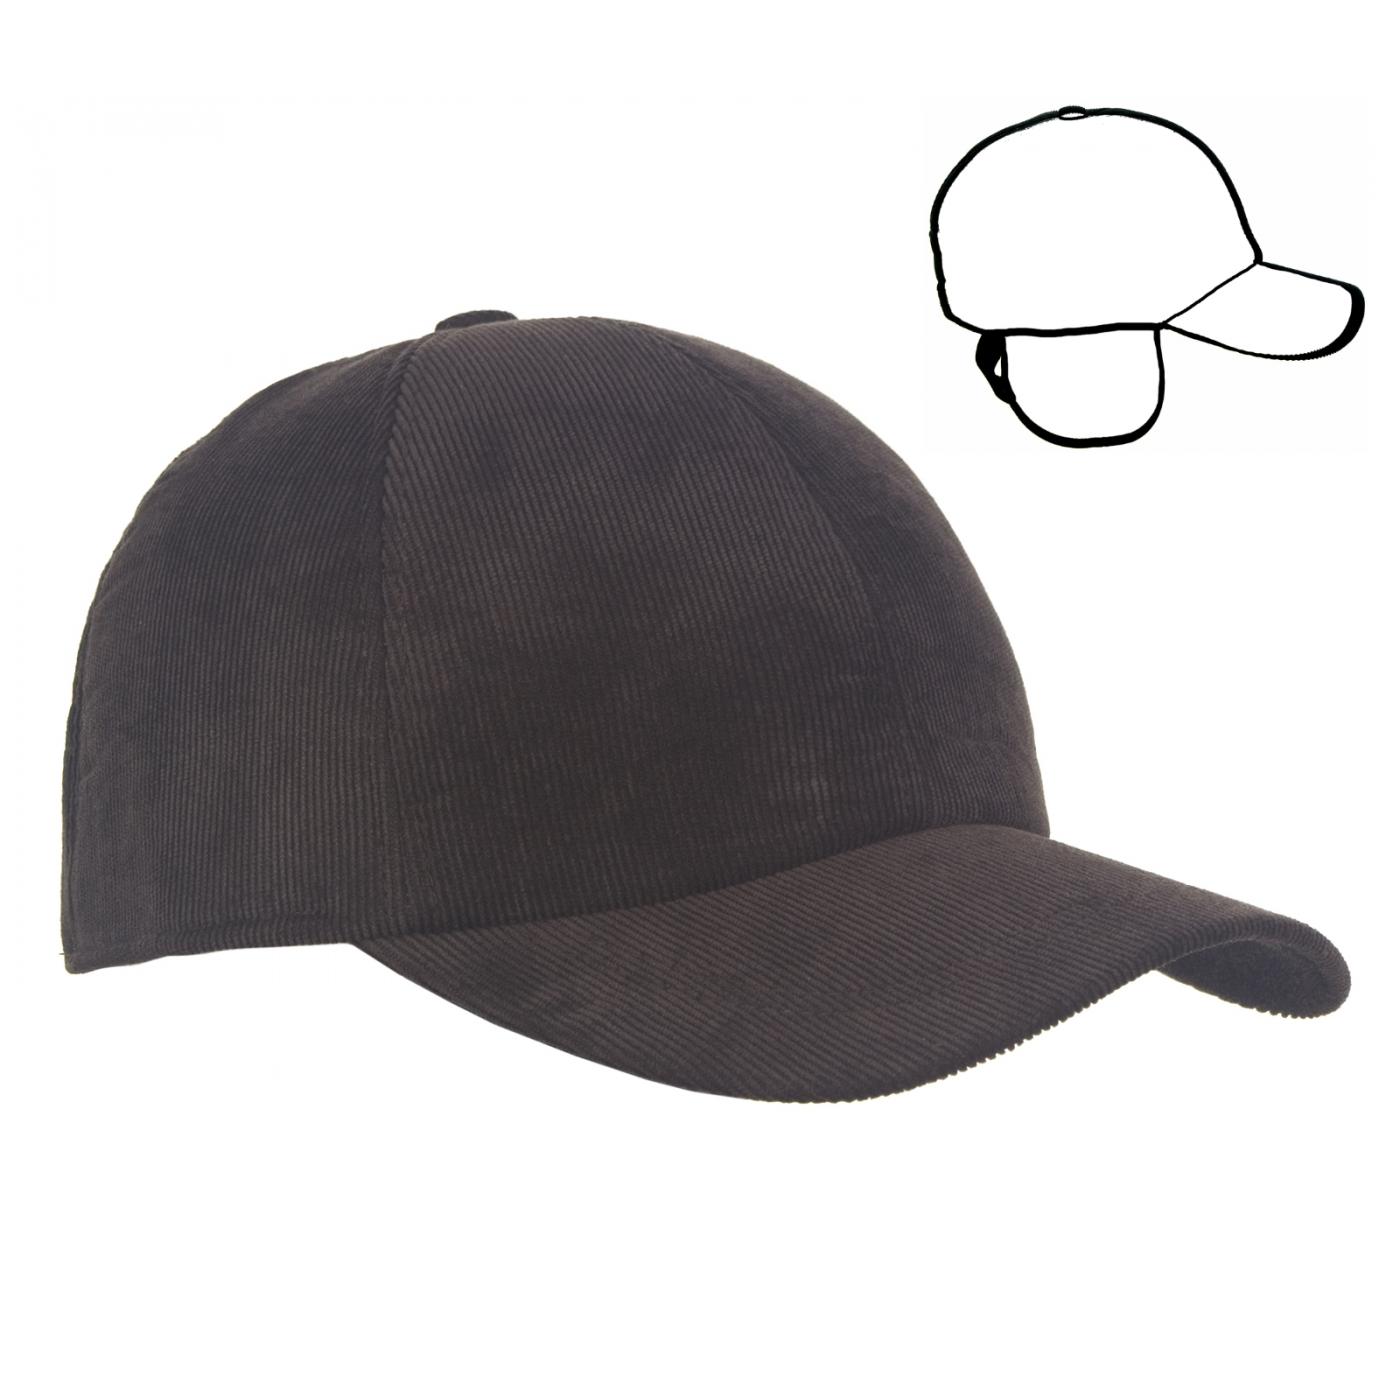 Męska zimowa sztruksowa czapka z daszkiem - brązowa